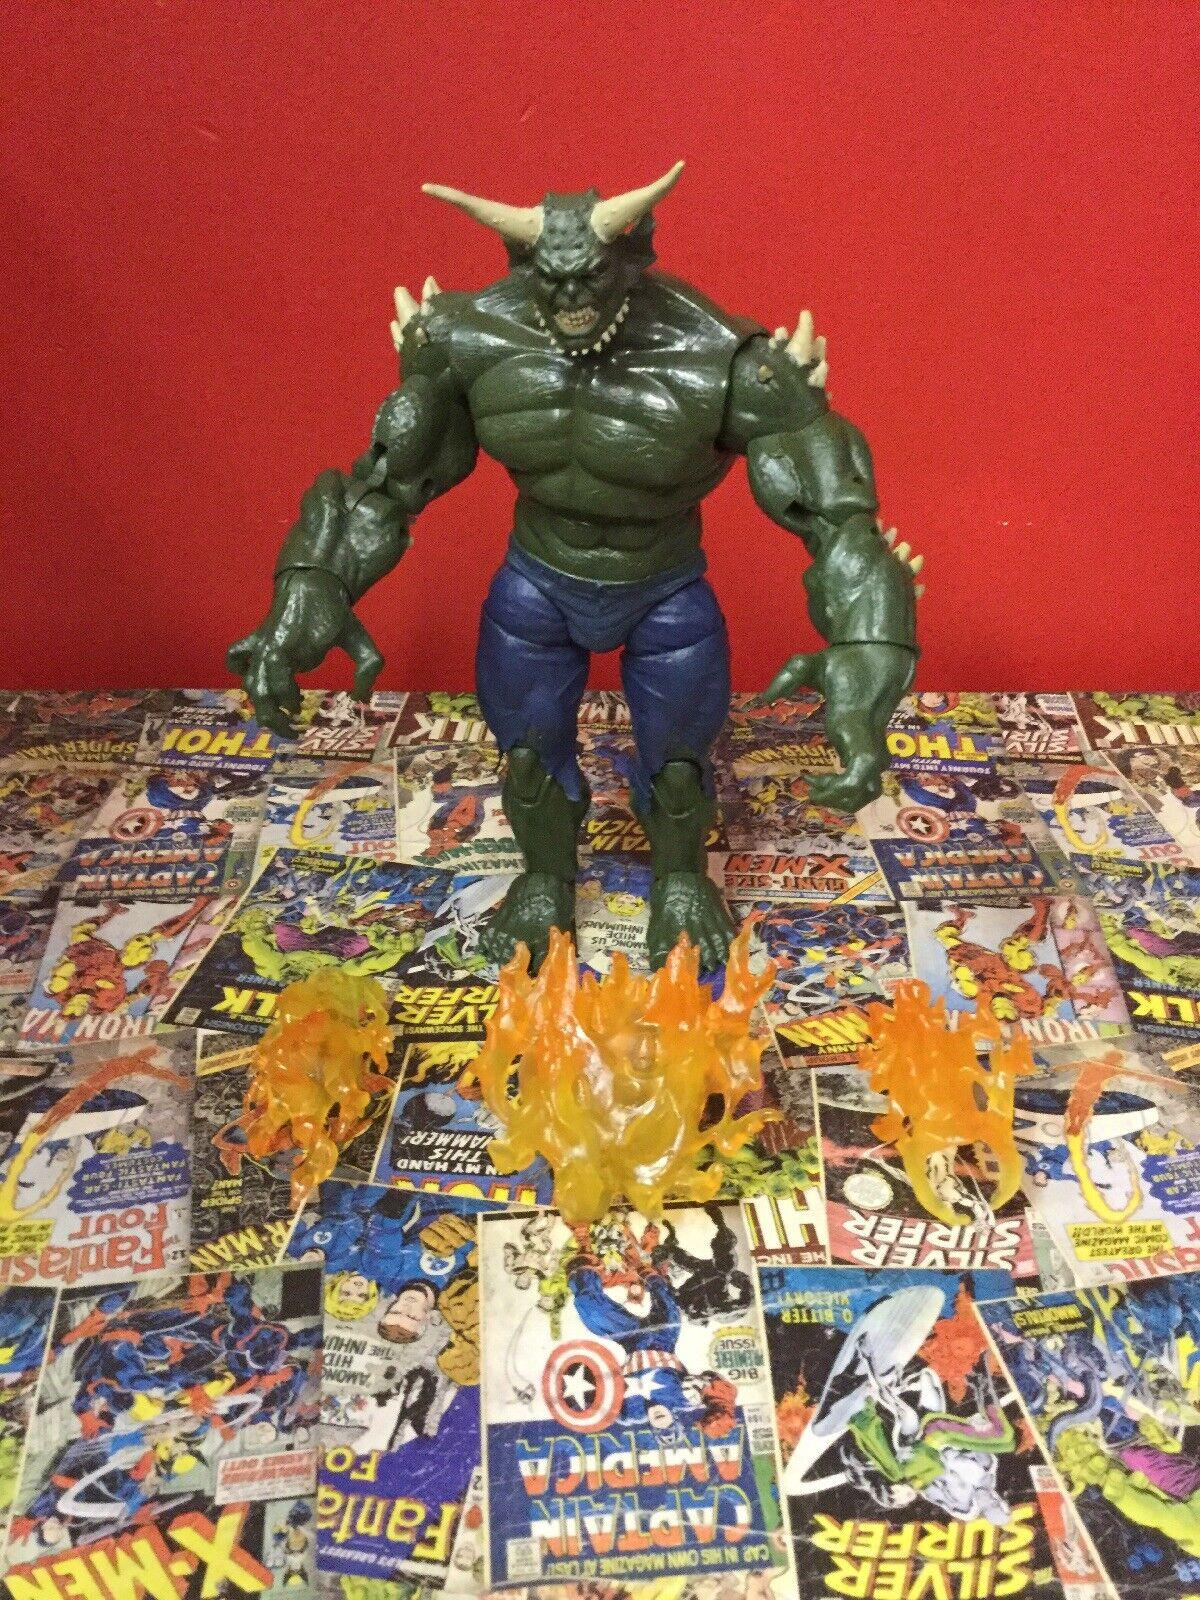 Marvel leggende Ultimate Goblin (2013)  LOOSE  prezzi equi